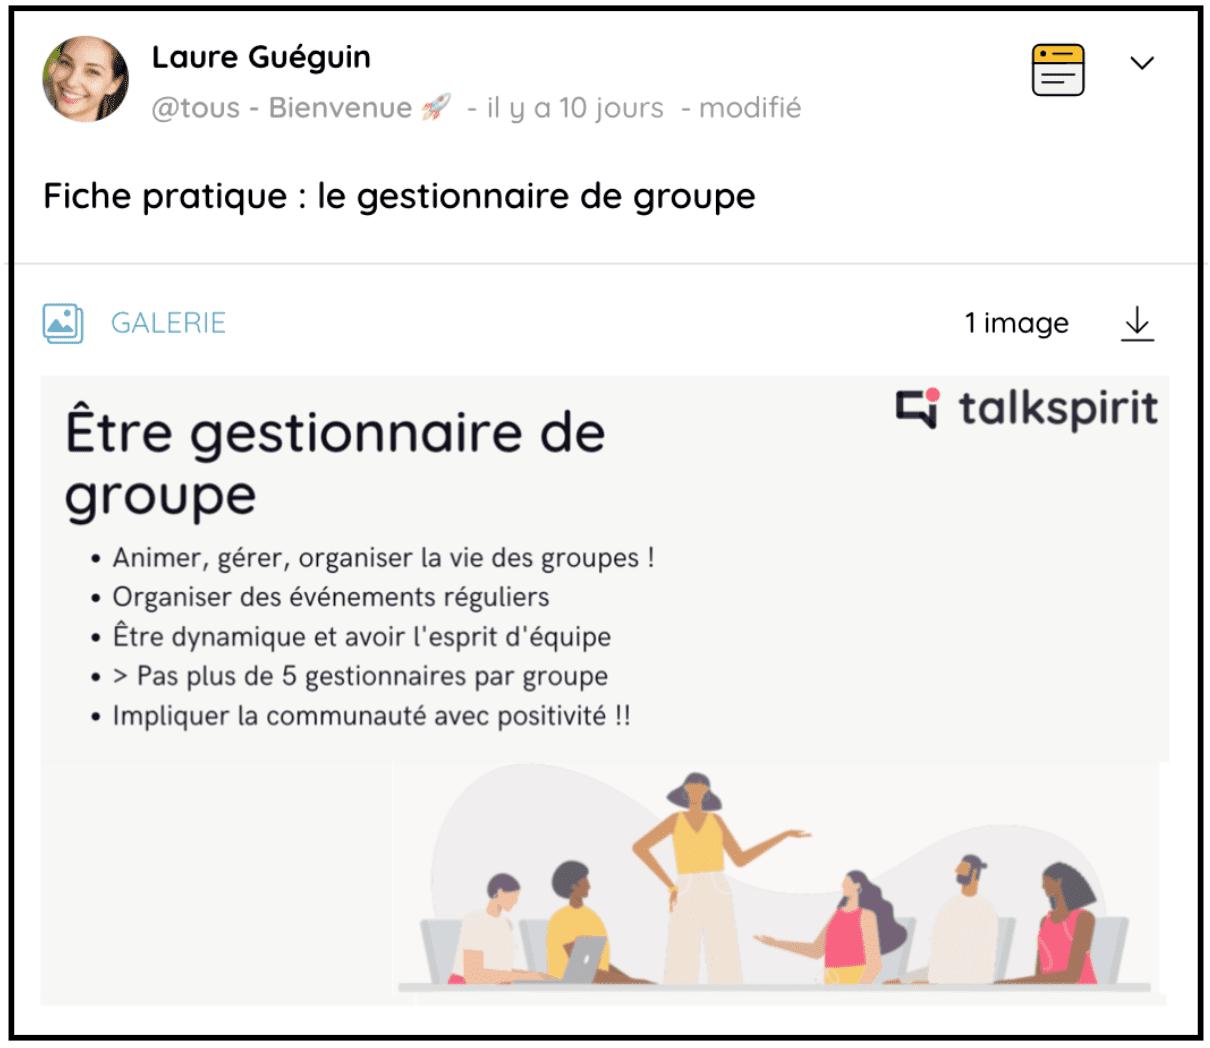 Précisez le rôle du gestionnaire de groupe sur la plateforme